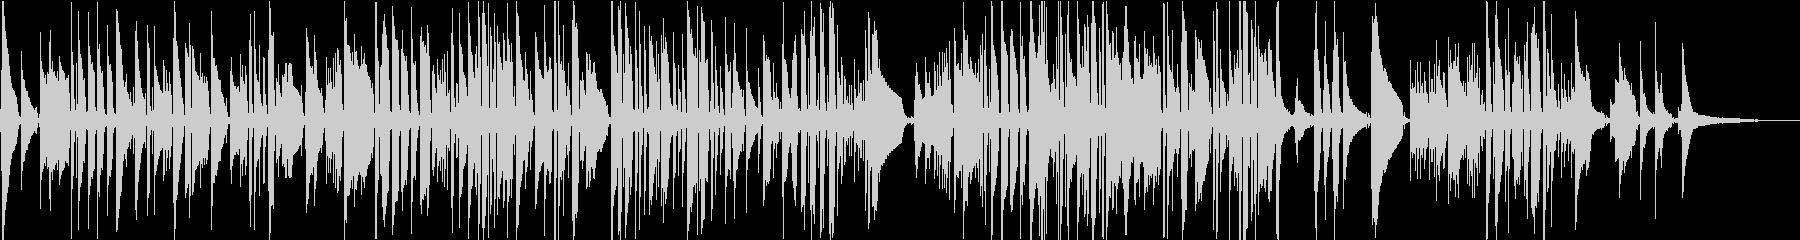 ベートーベンの名曲を引用したソロギターの未再生の波形